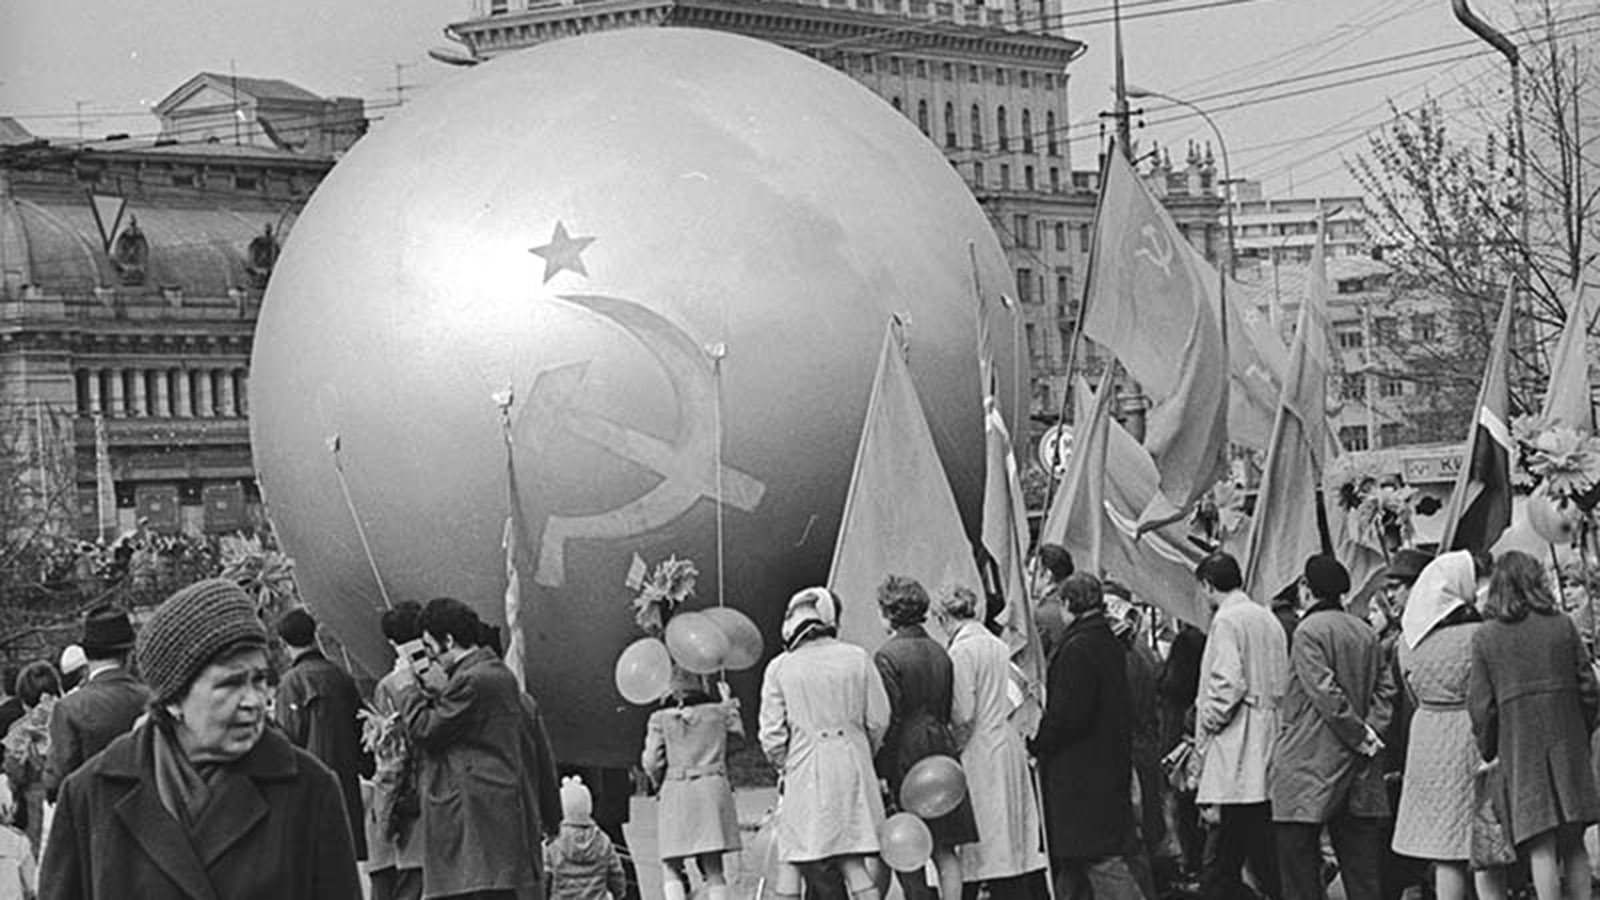 В Москве 30 марта - 9 апреля 1971 года проходил XXIV съезд партии, на котором было отмечено, что страна вступила в стадию развитого социализма. Именного «развитОго», а не «рАзвитого». Начинался переходный период к коммунизму, который строить можно вечно. Что собой представляет данный промежуточный период, никто не знал, но эта формула крепко внедрялась в сознание масс. Было ясно, что текущее состояние общества и экономики – это надолго. В 1980-м, когда в магазинах появятся импортные товары и продукты, в народе будет «гулять» шутка: «Хрущев строил коммунизм, а Брежнев заменил его Олимпиадой…»